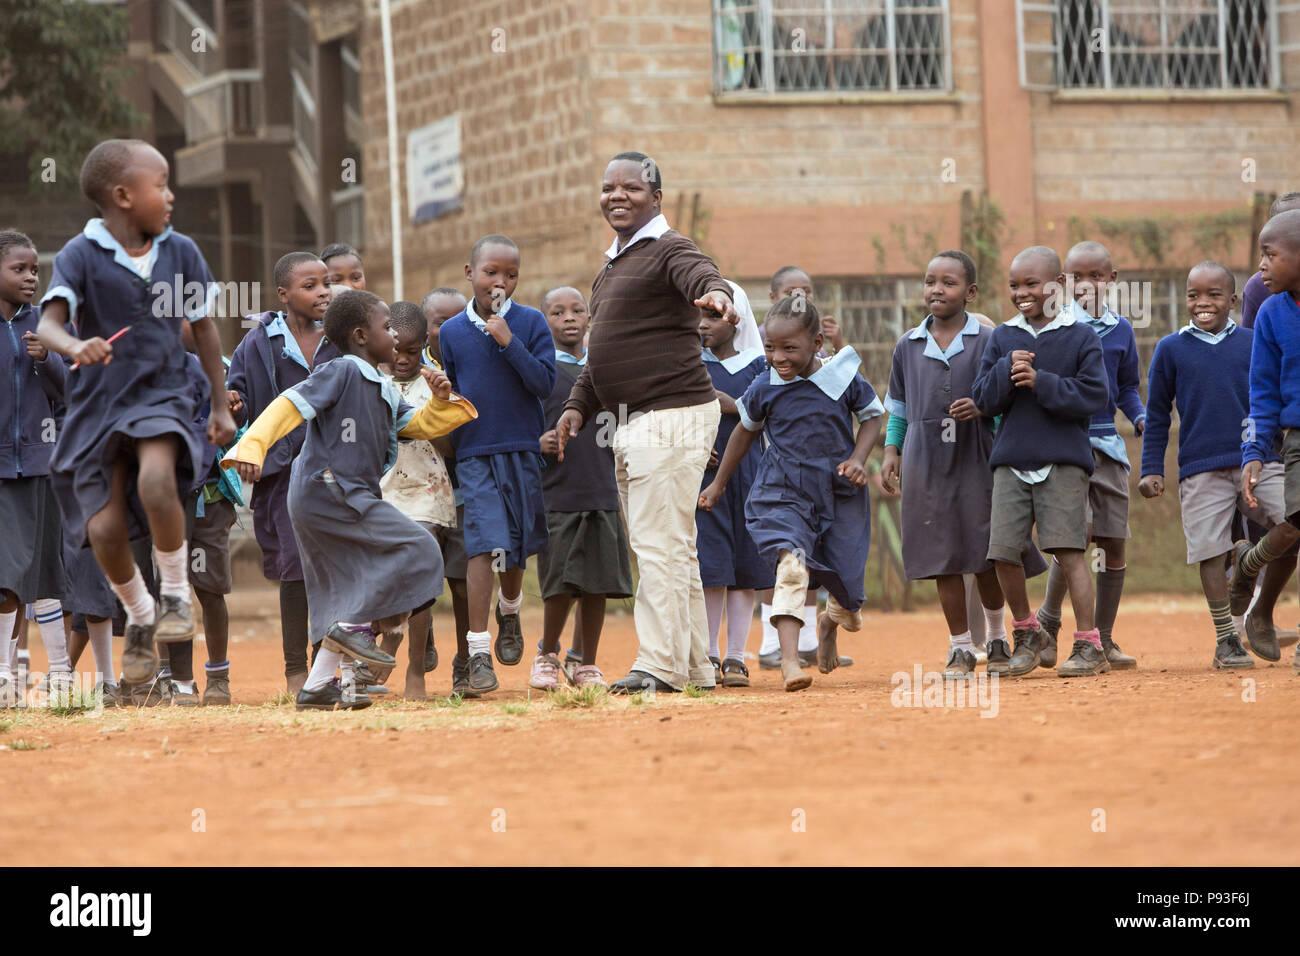 Nairobi, Kenya - Studenti in uniformi di scuola competere nel schoolyard di San Giovanni Centro Comunitario Pumwani. Immagini Stock